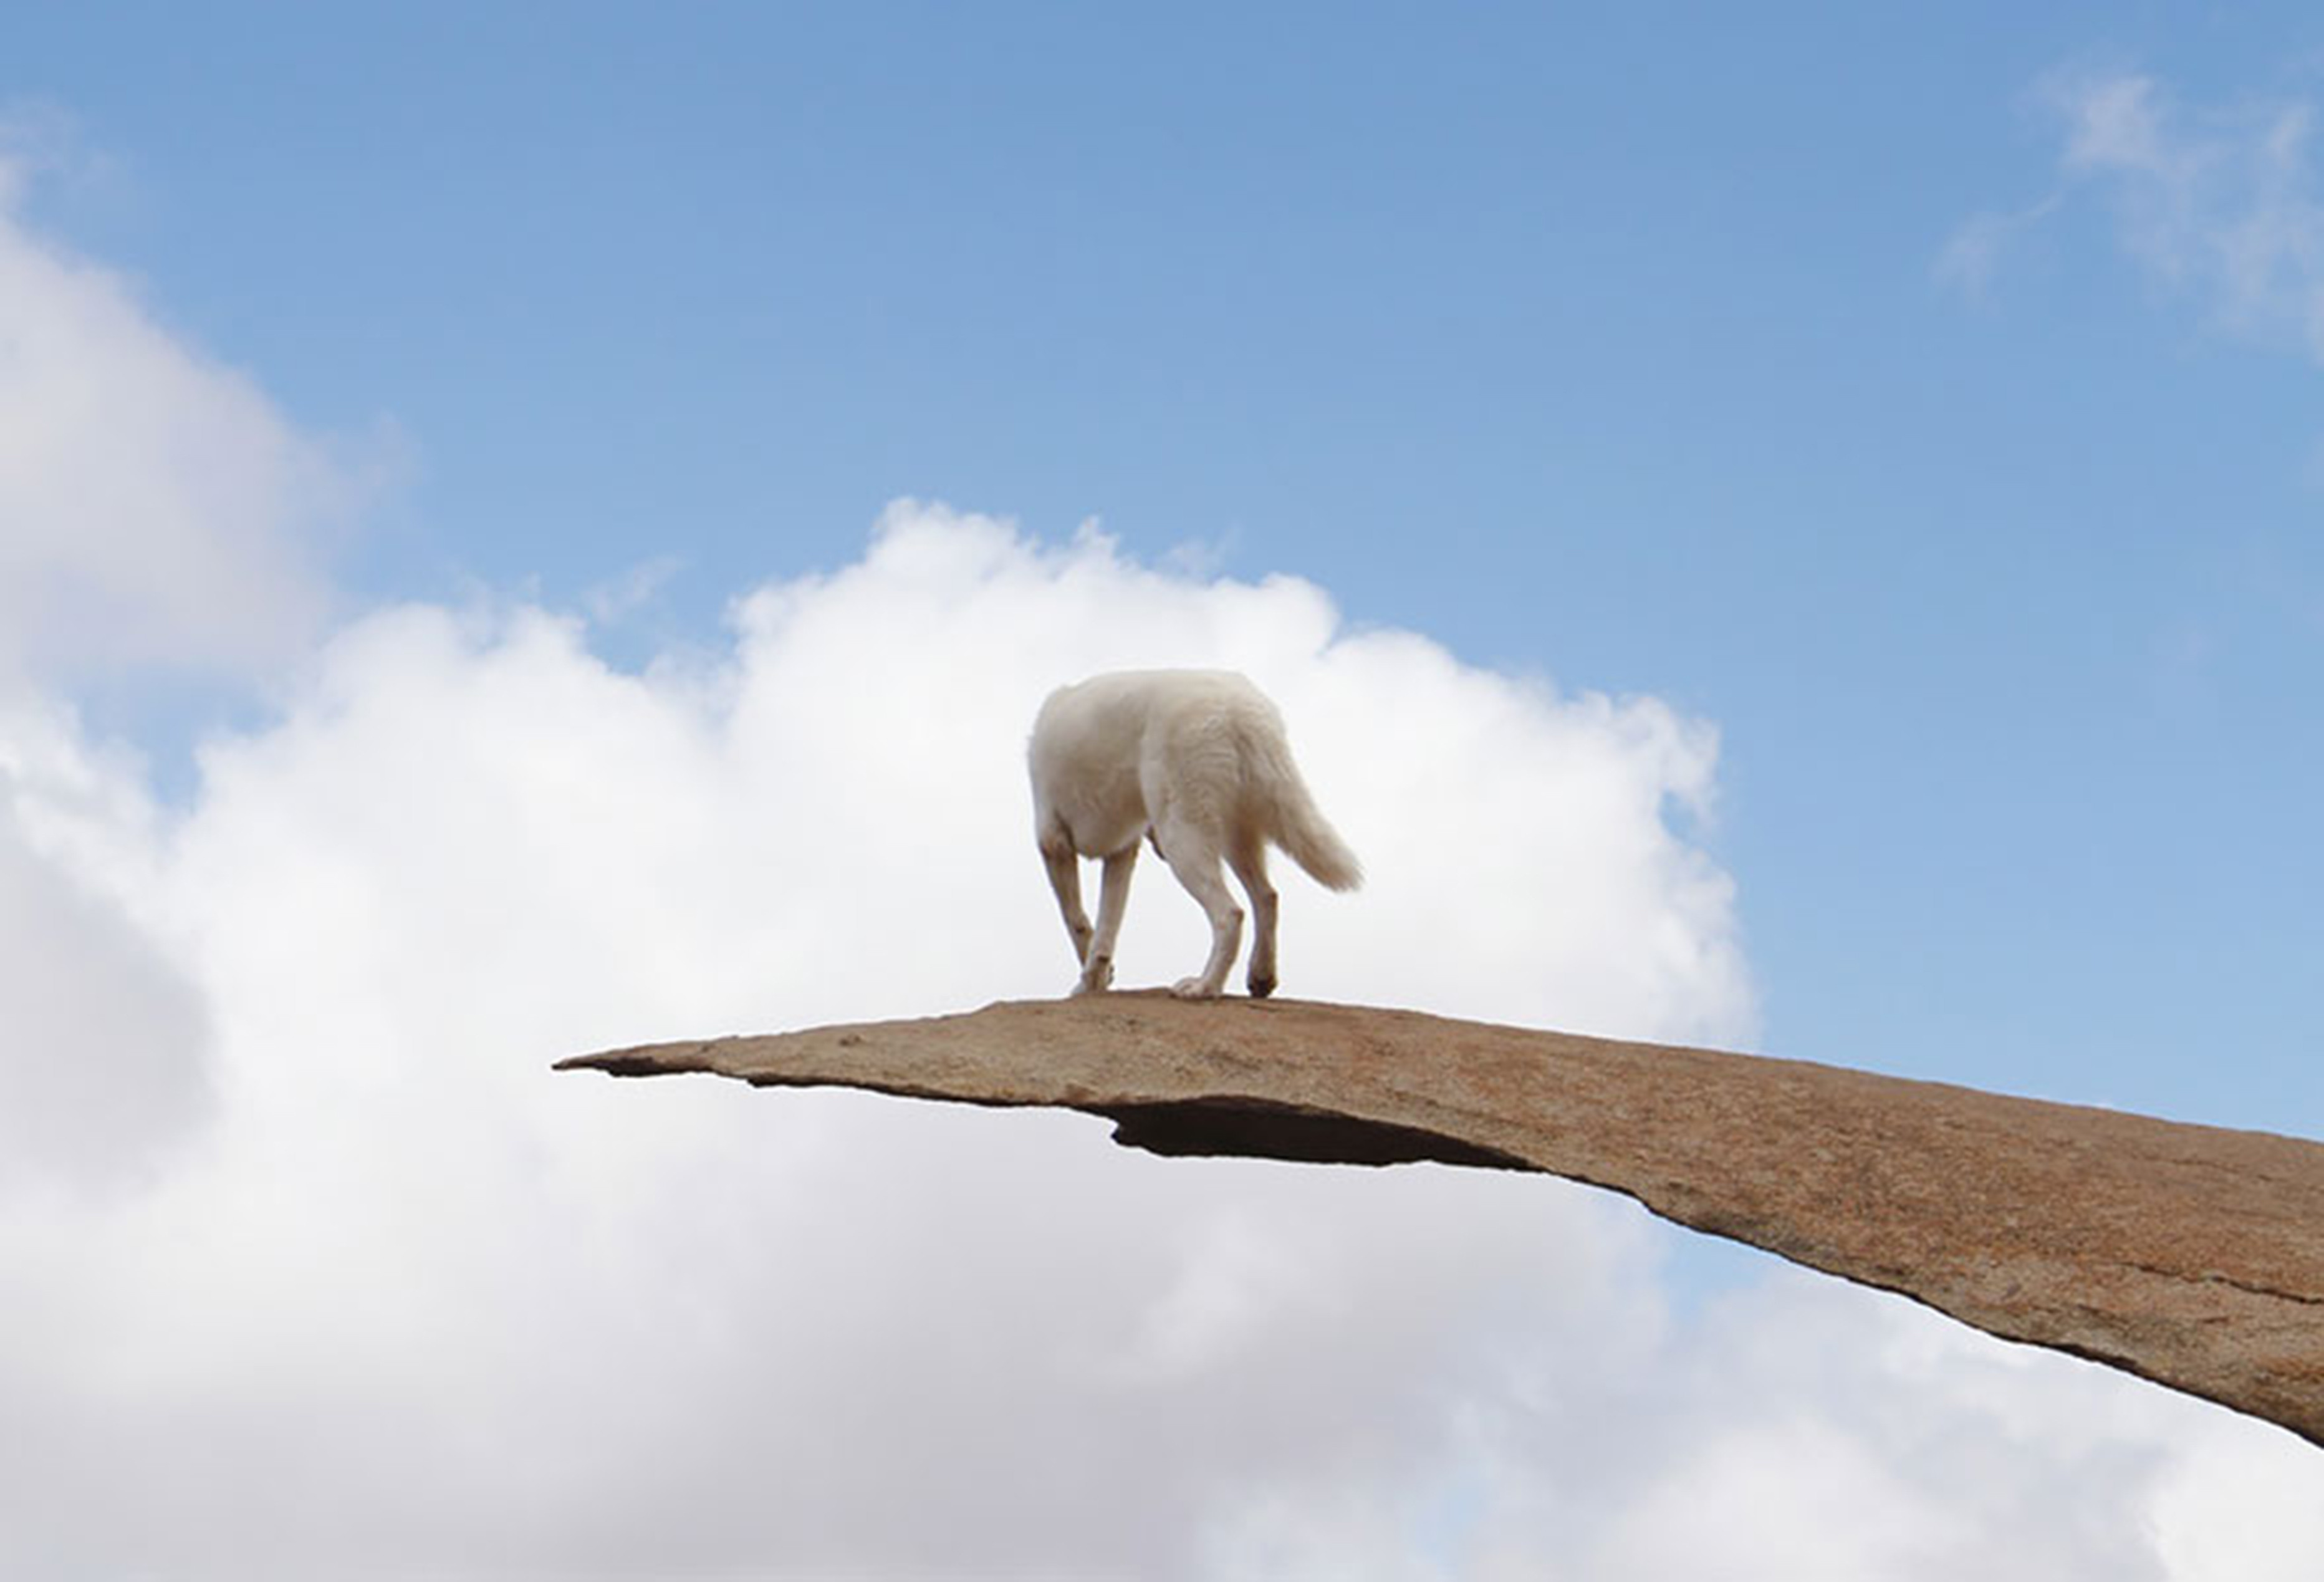 Il cane Wolfgang immortalato negli scatti di John Stortz